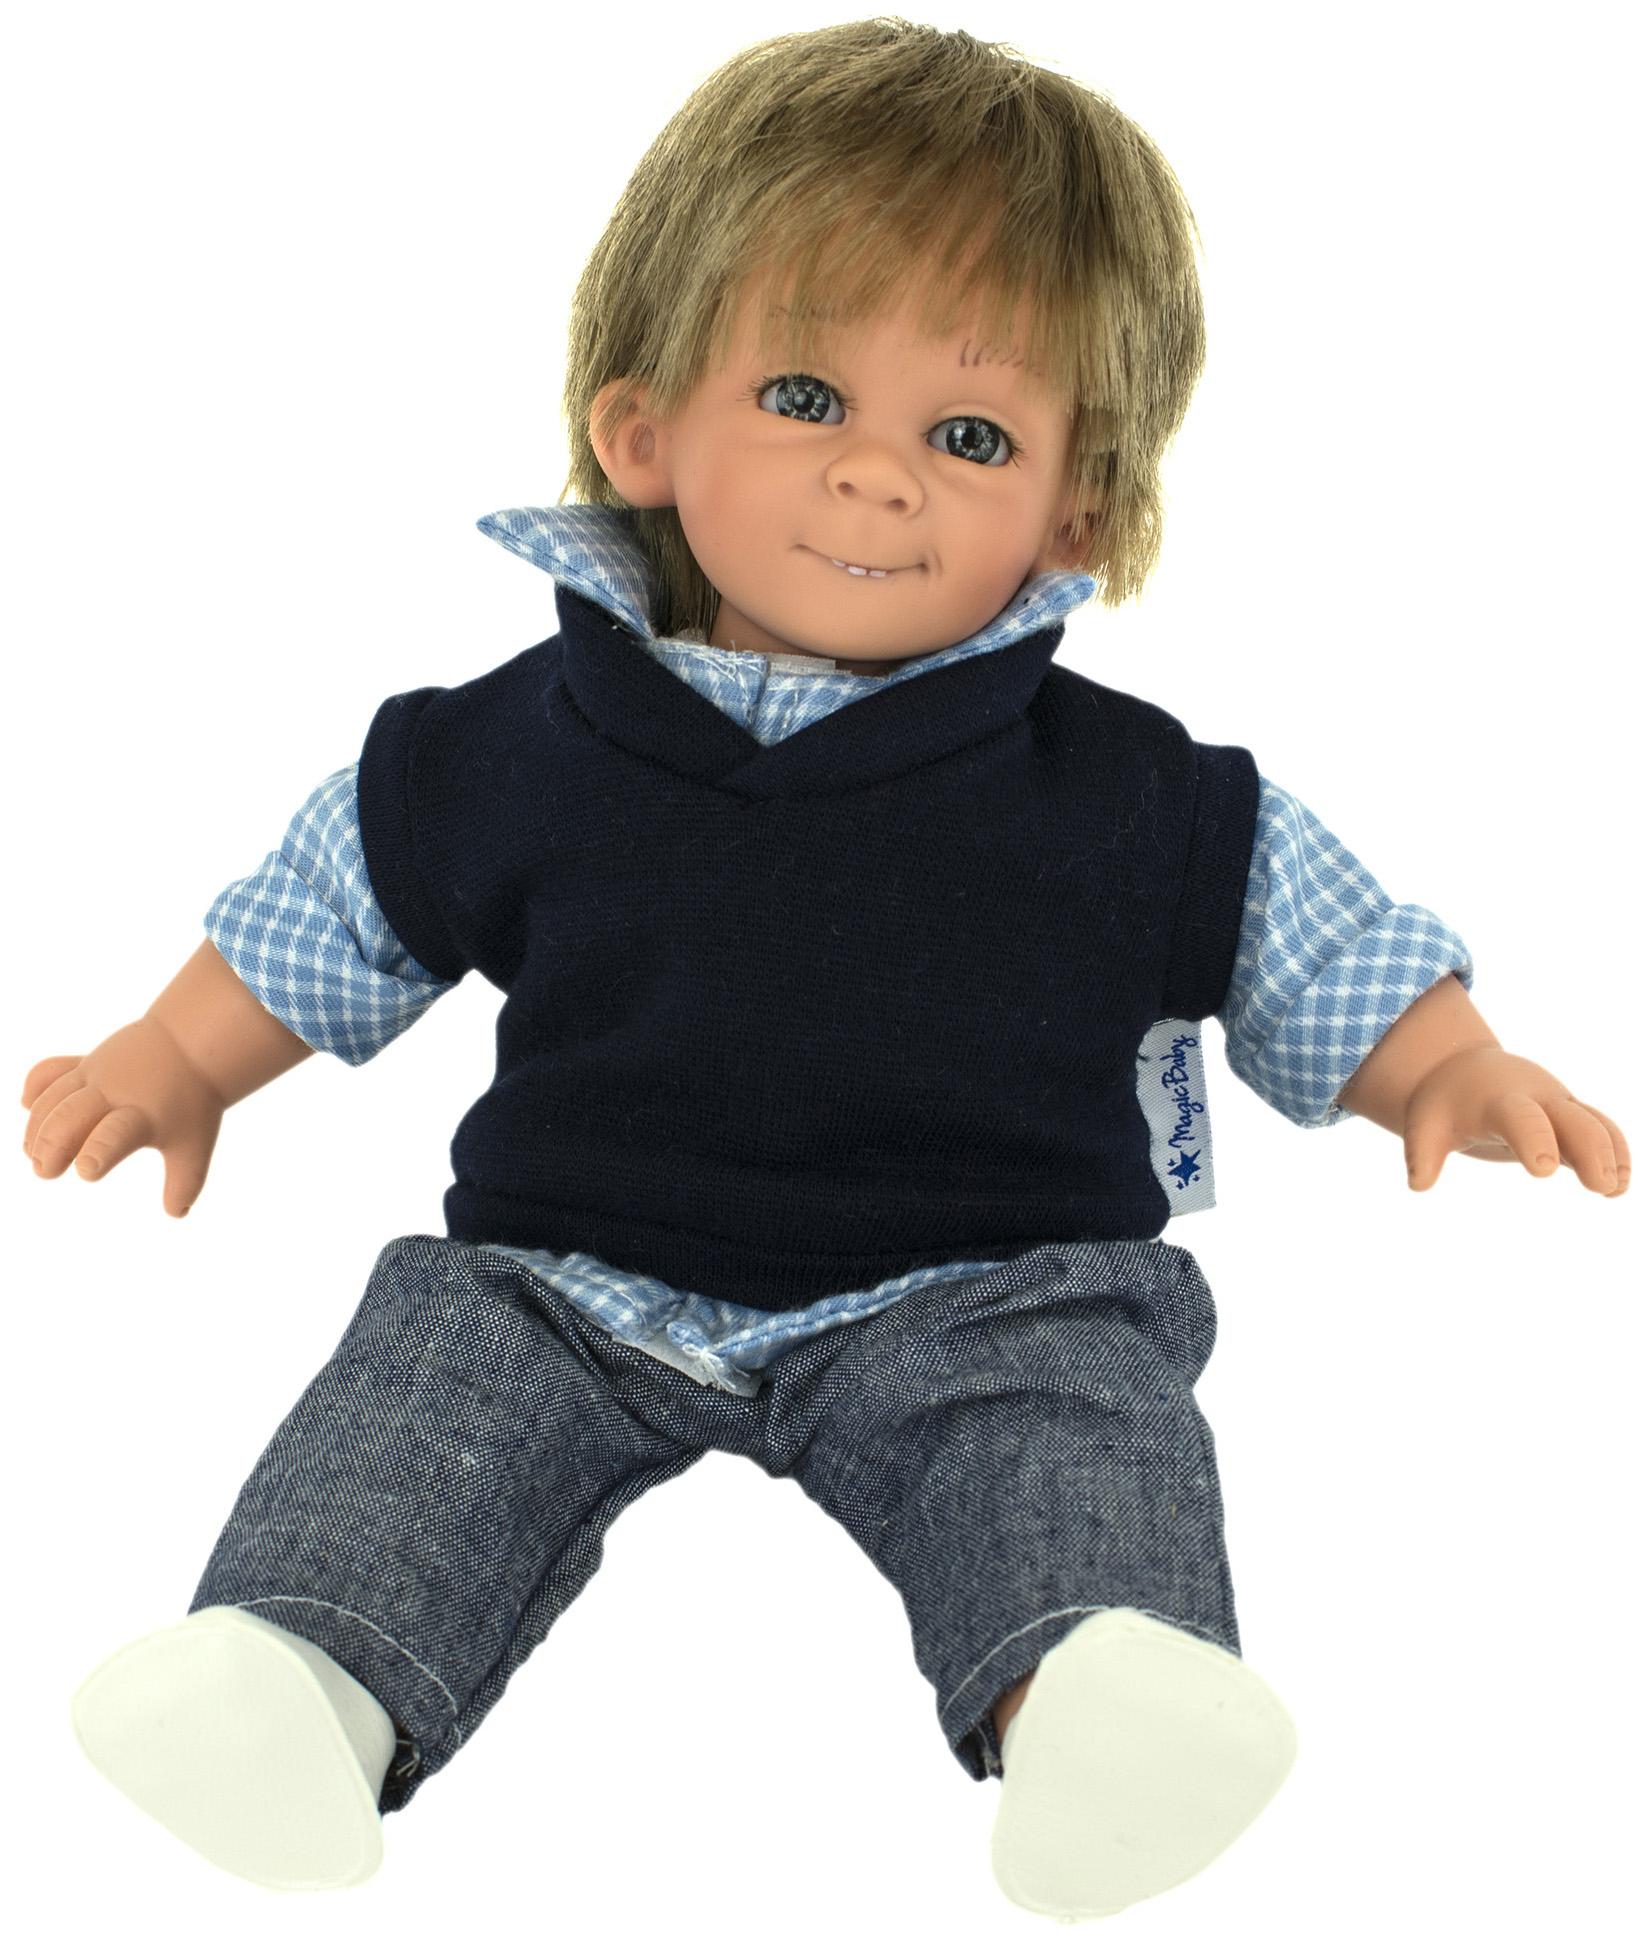 Кукла Lamagik Джестито Мальчик в клетчатой рубашке джинсах и шапочке 28 см